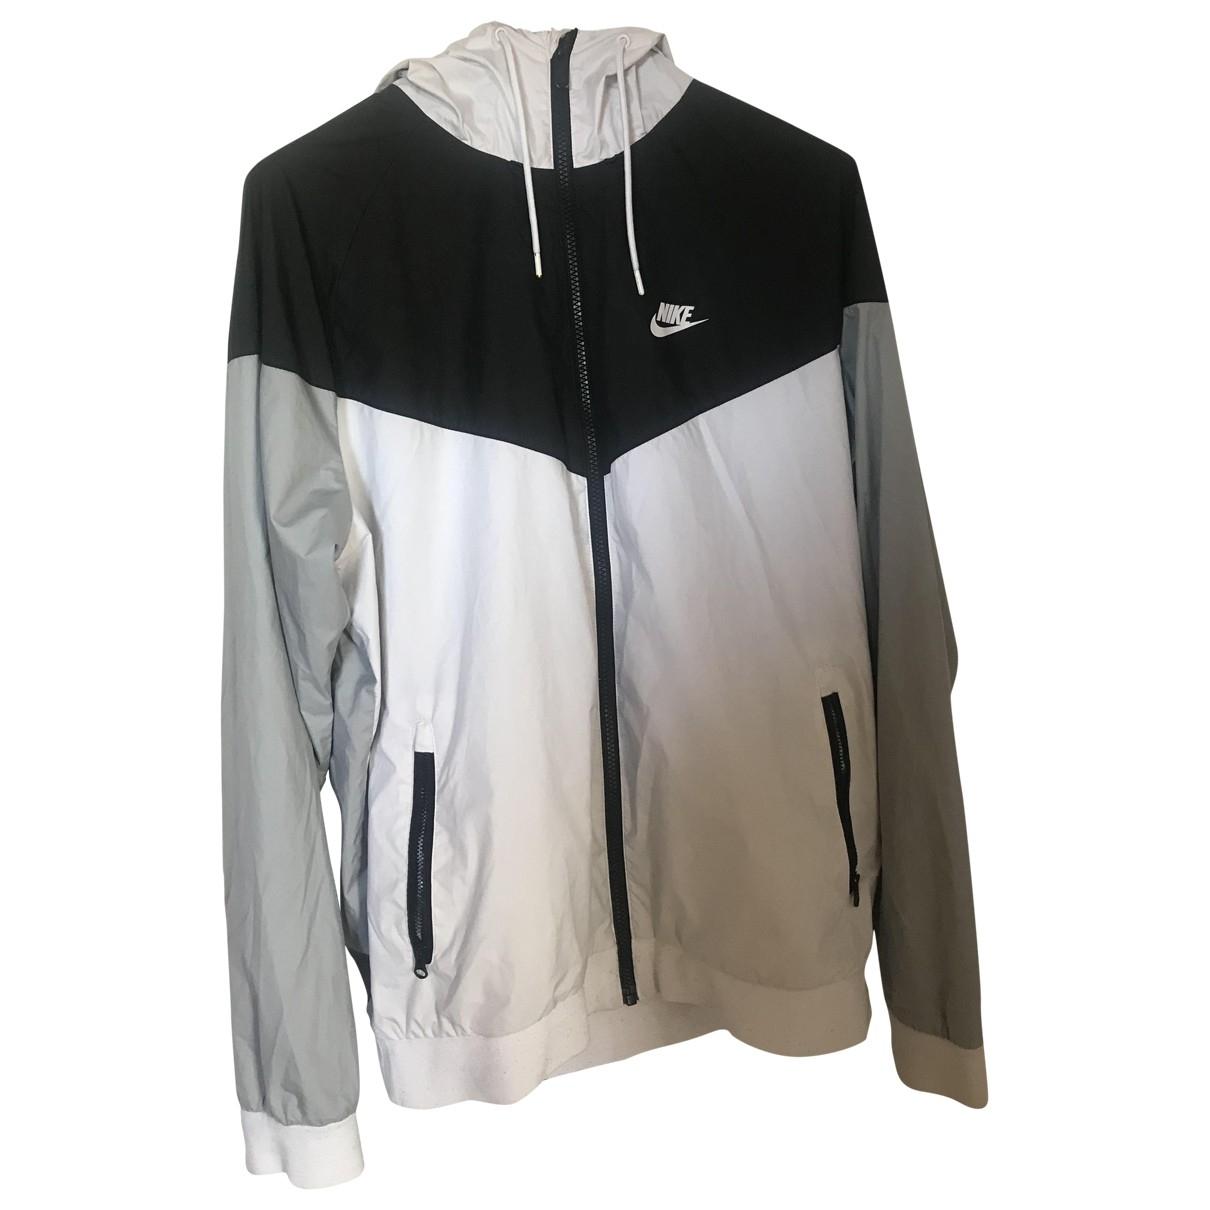 Nike \N White jacket  for Men L International